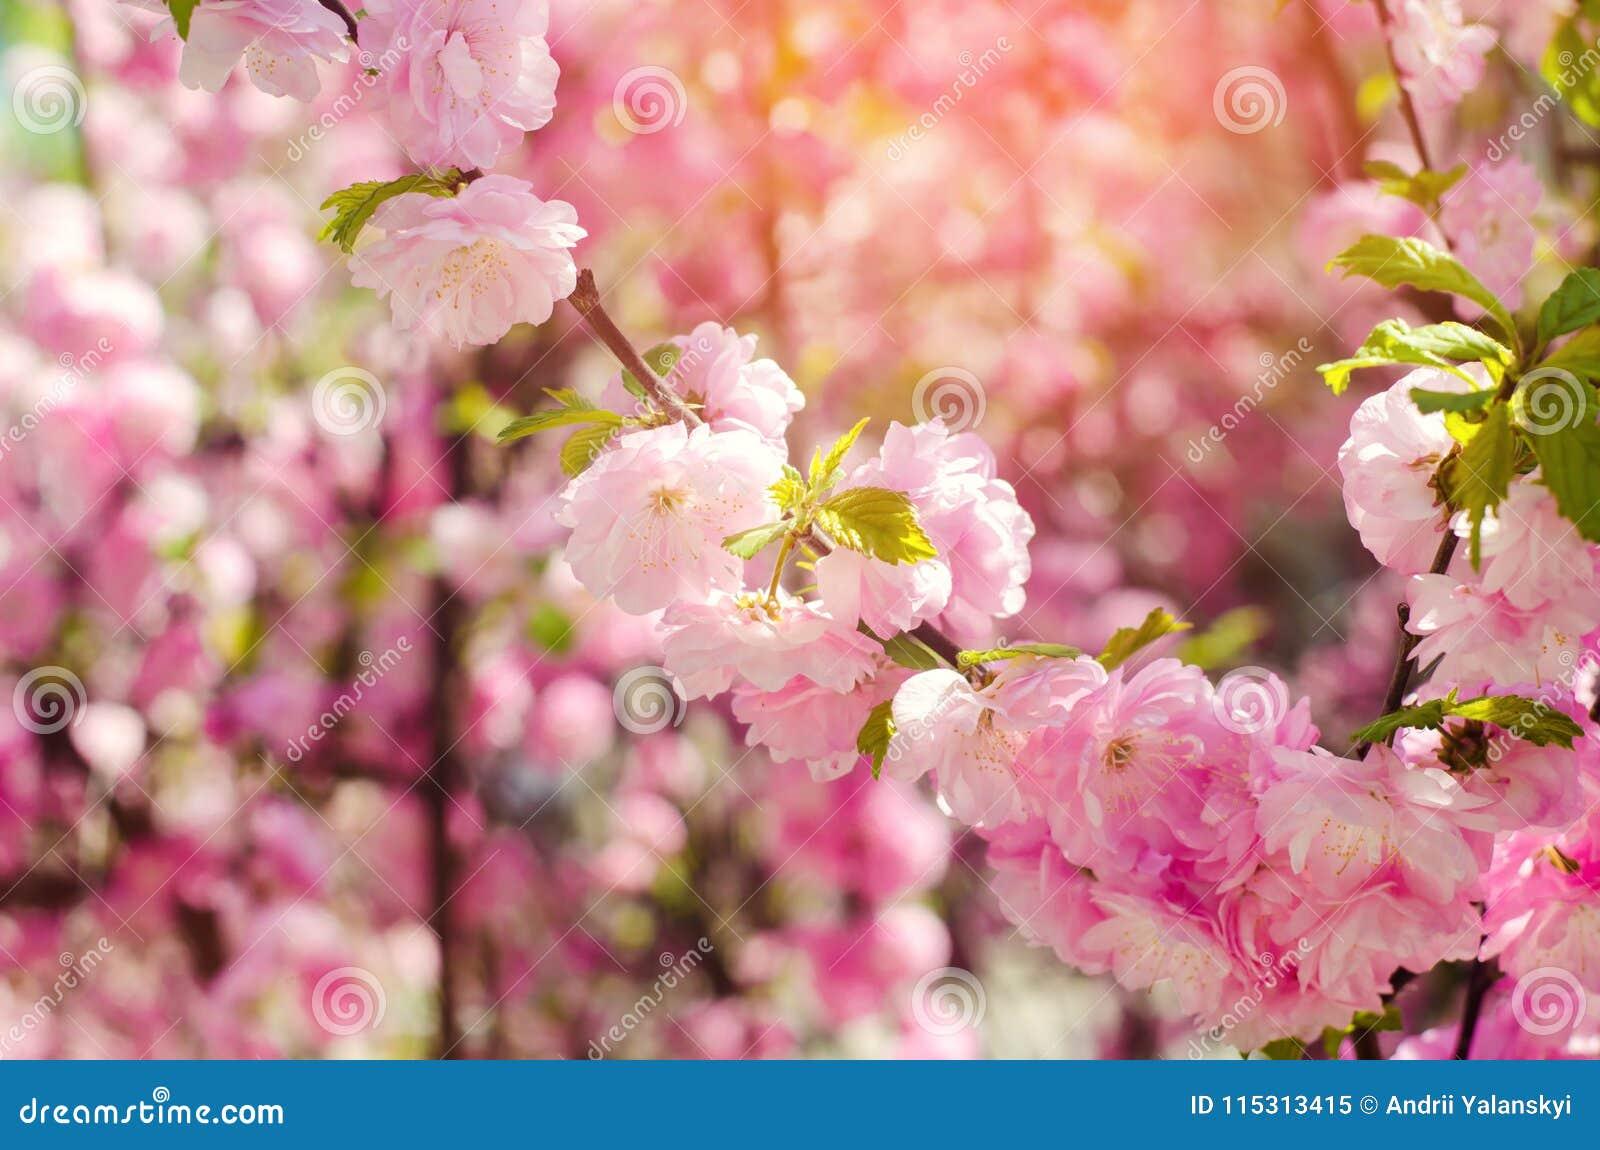 Carta Da Parati Fiori Rosa : Un cespuglio di rose fiorisce in primavera con i fiori rosa carta da